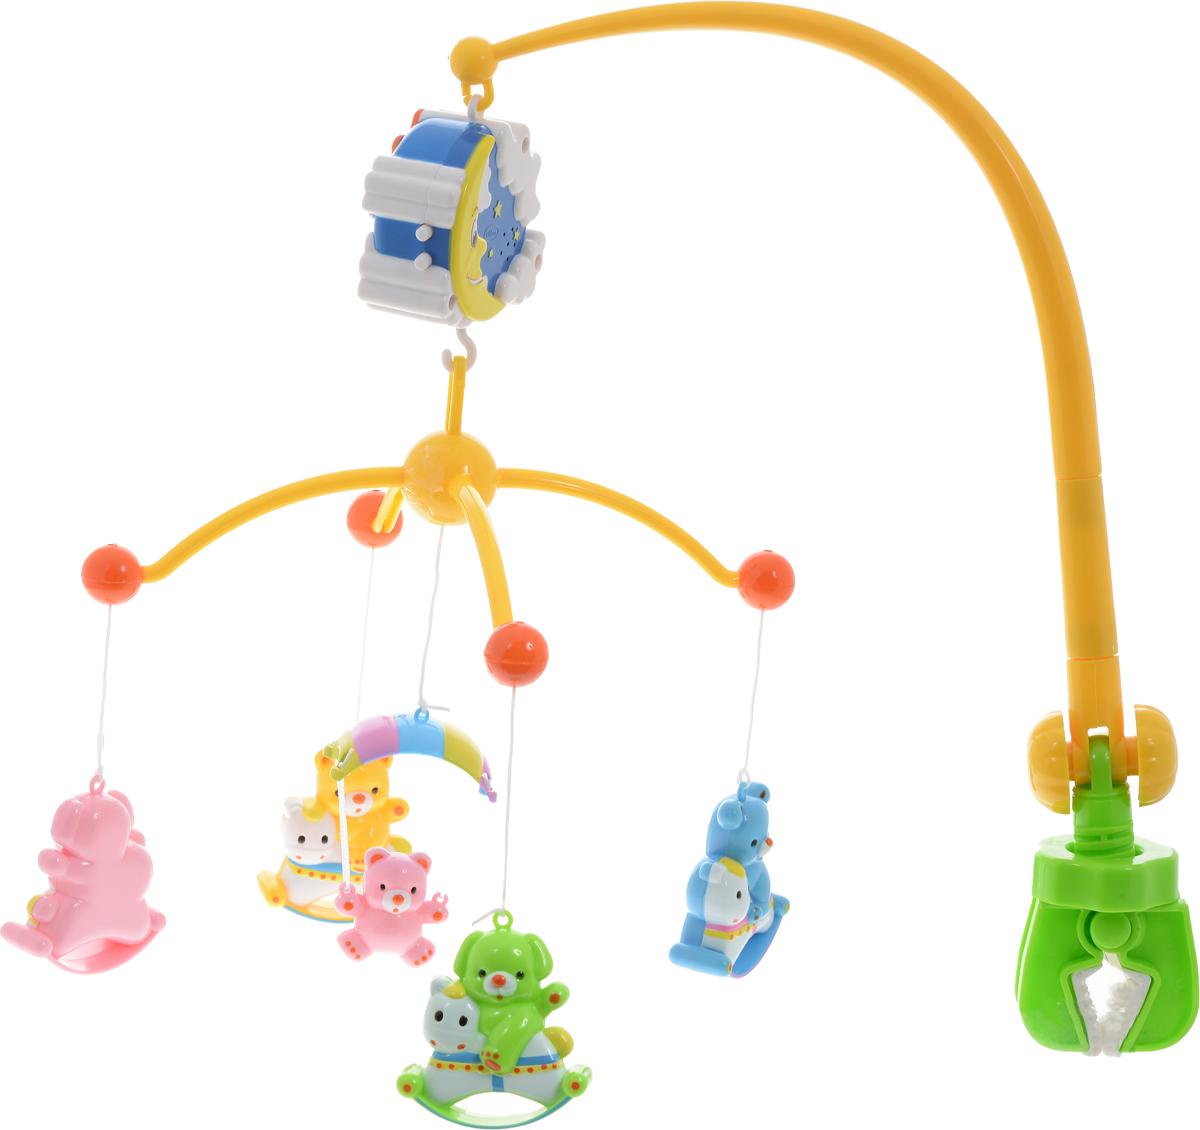 Умка Мобиль Музыкальная карусель с колыбельными песнями310C-MRМобиль Умка Музыкальная карусель с колыбельными песнями необходима для вашего малыша. У него легкое крепление к кроватке, что отлично развлечет ребенка если он рано проснулся. Мобиль имеет двусторонний вращающийся элемент, пять фигурок медвежат, поет девять популярных колыбельных песен. Такая игрушка развивает концентрацию внимания и фокусировку взгляда. Яркие цвета помогают развить визуальное восприятие окружающего мира. Колыбельные способствуют развитию слухового восприятия малыша, успокаивают и развлекают ребенка. Игрушка выполнена из высококачественного и безопасного пластика. Рекомендуется докупить 2 батарейки напряжением 1,5V типа ААА (товар комплектуется демонстрационными).